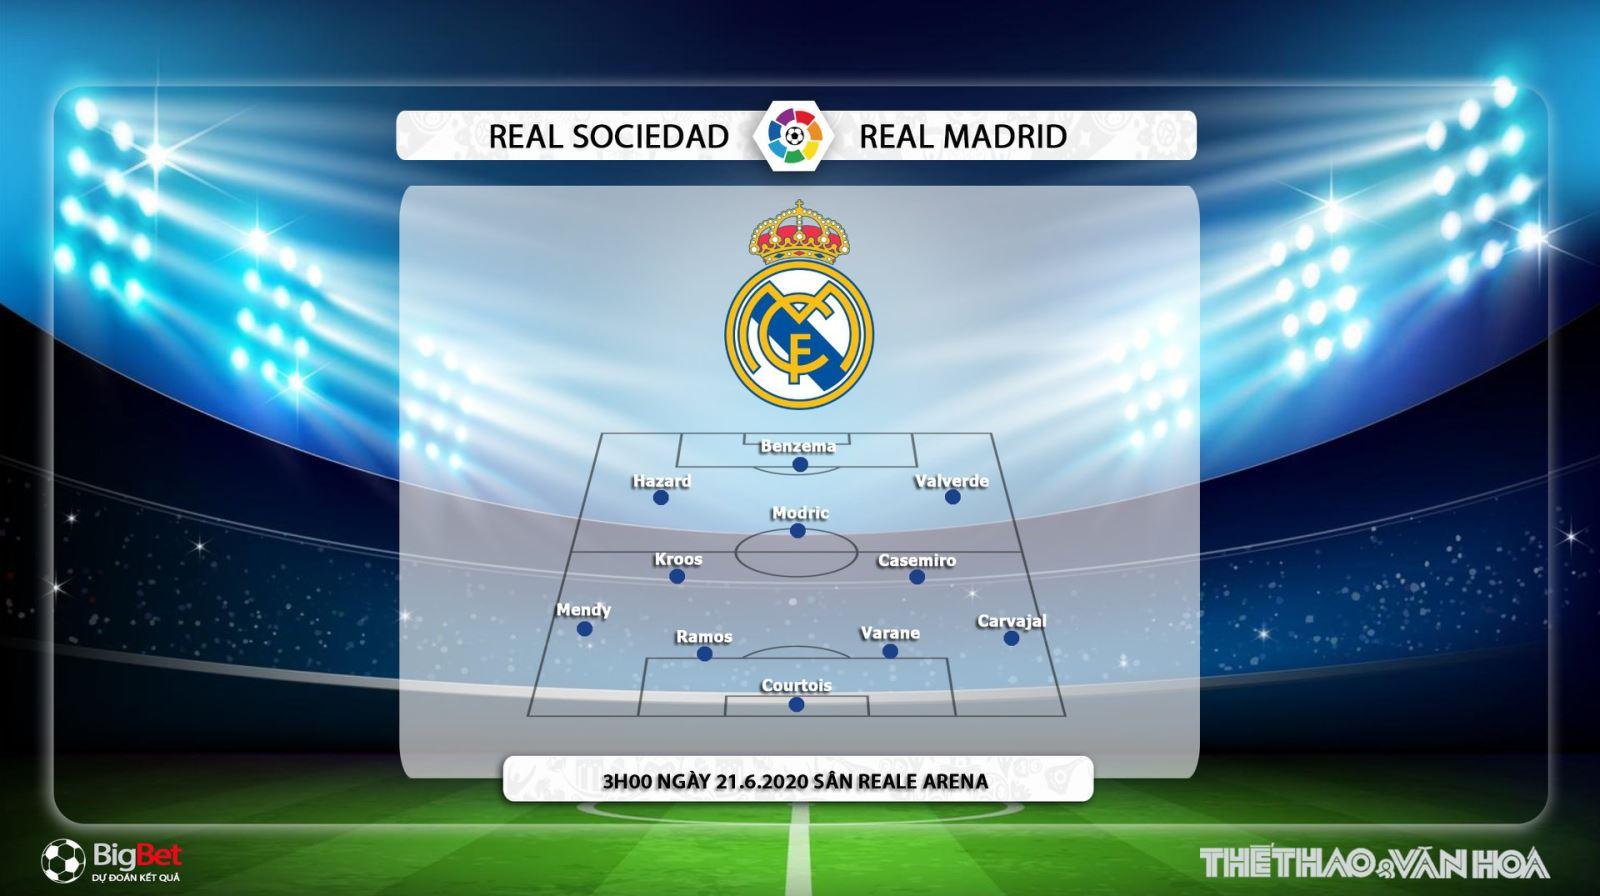 Keo nha cai, Kèo nhà cái, Sociedad vs Real Madrid, Trực tiếp bóng đá Vòng 30 La Liga, Real Madrid đấu với Sociedad, BĐTV, Trực tiếp BĐTV, bóng đá TBN, Kèo Real Madrid